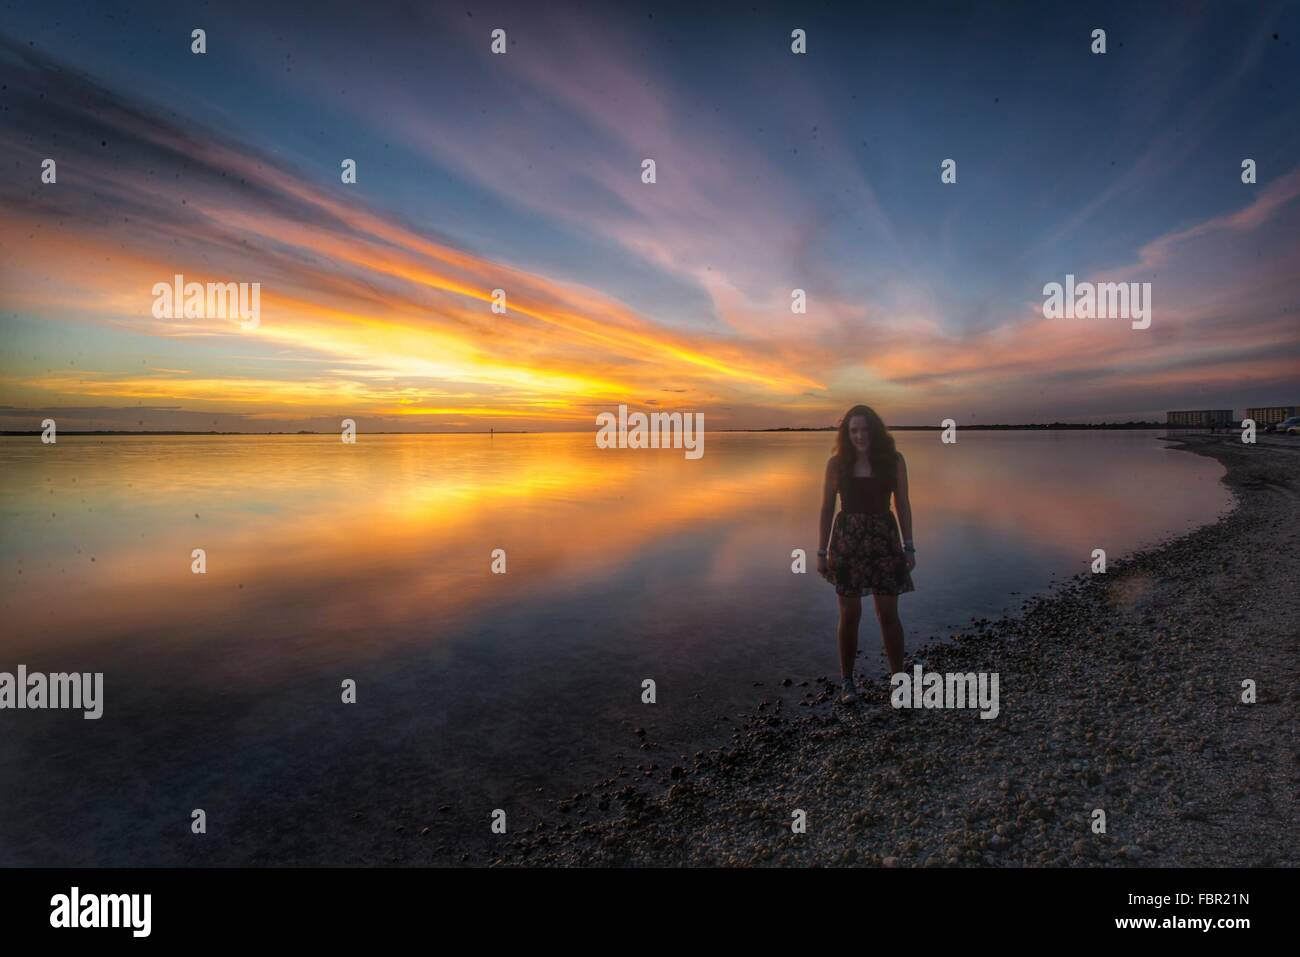 Per tutta la lunghezza della donna in piedi sulla spiaggia al tramonto Immagini Stock